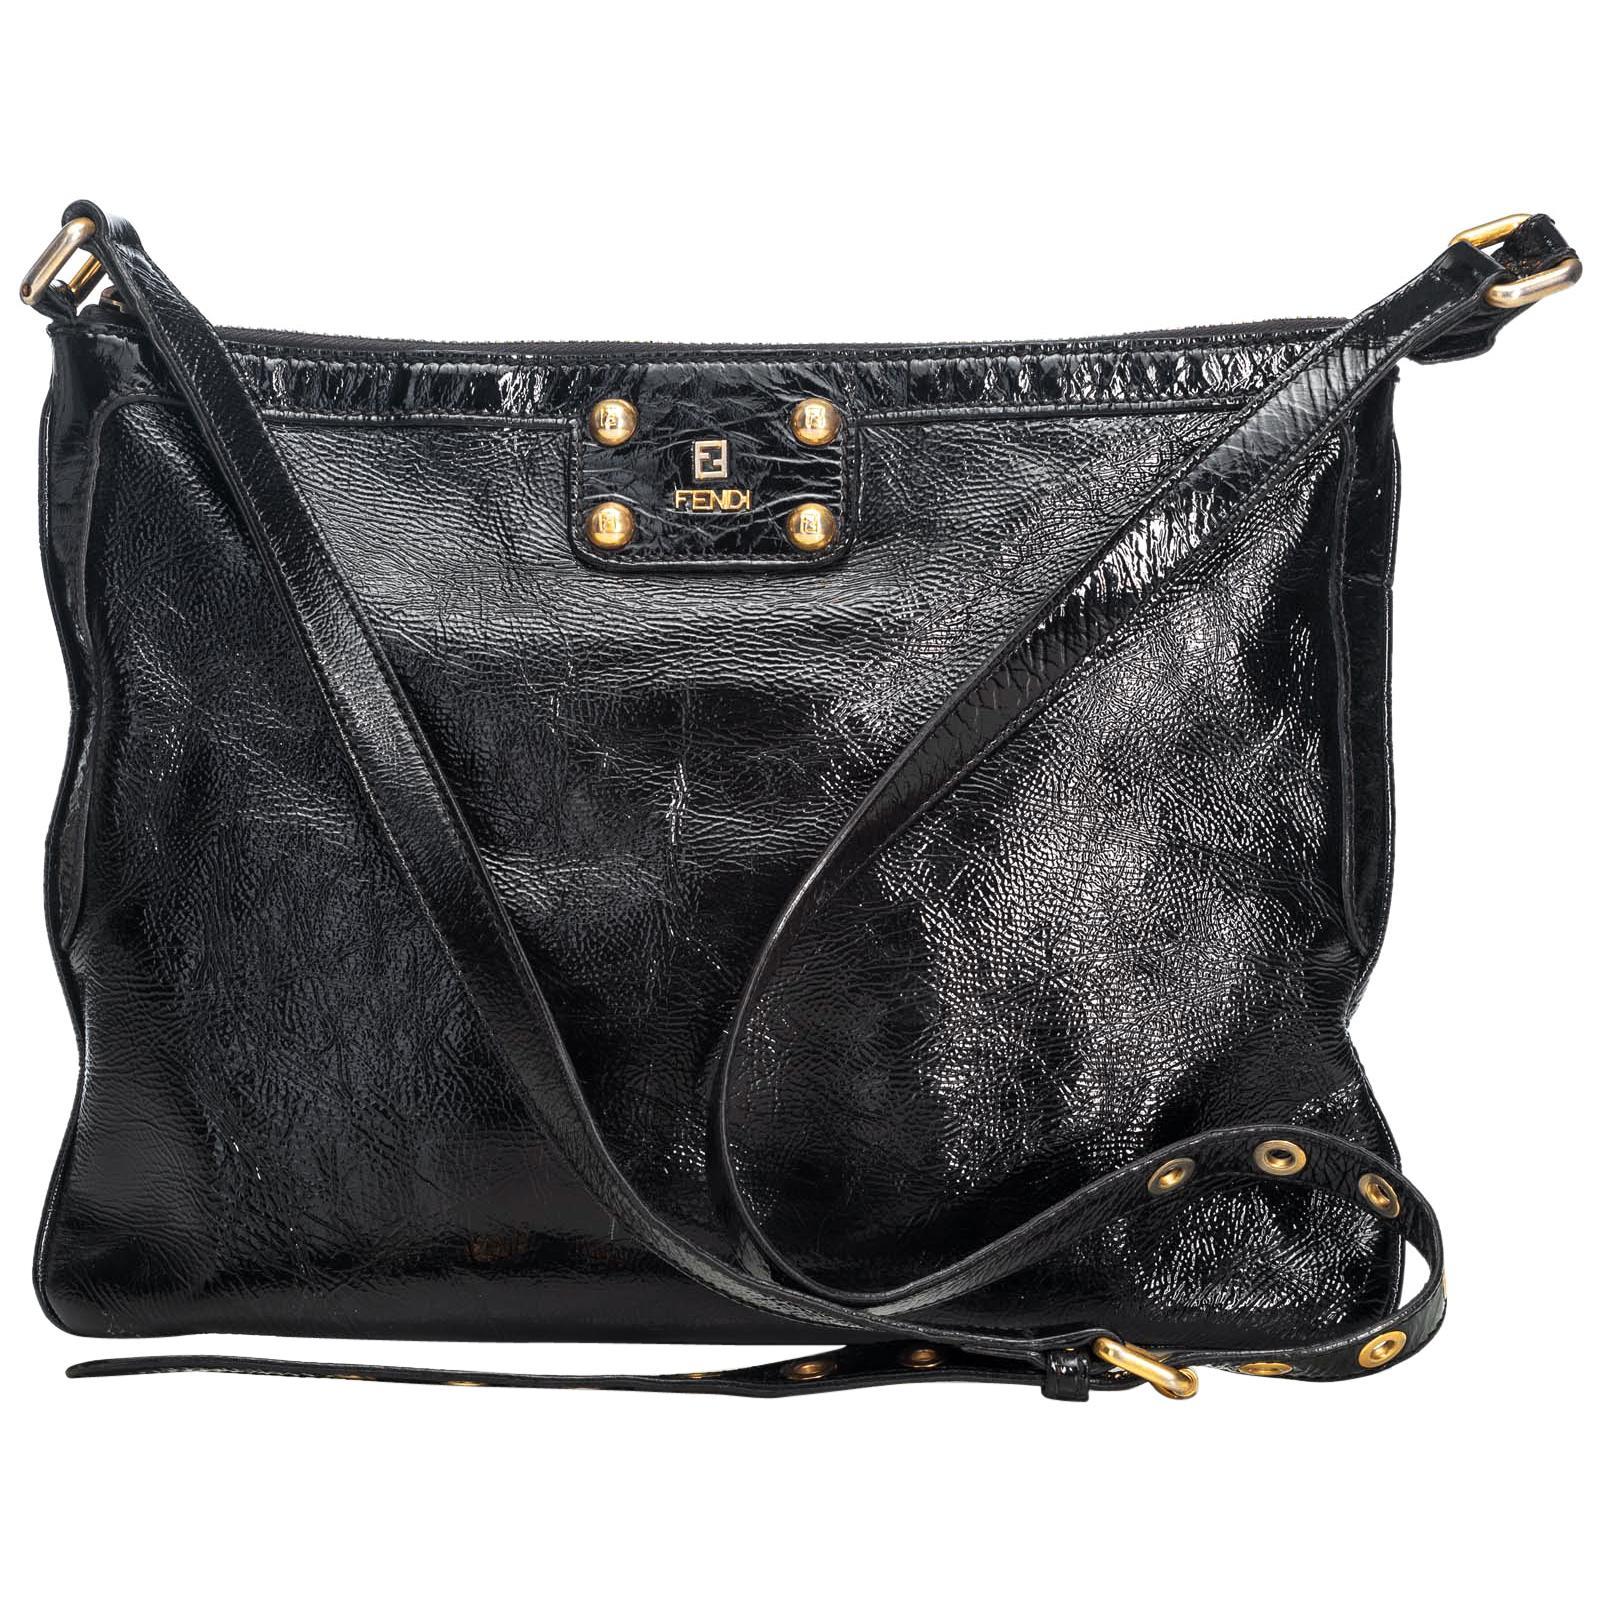 31189e7ec3ba Vintage Fendi Handbags and Purses - 1